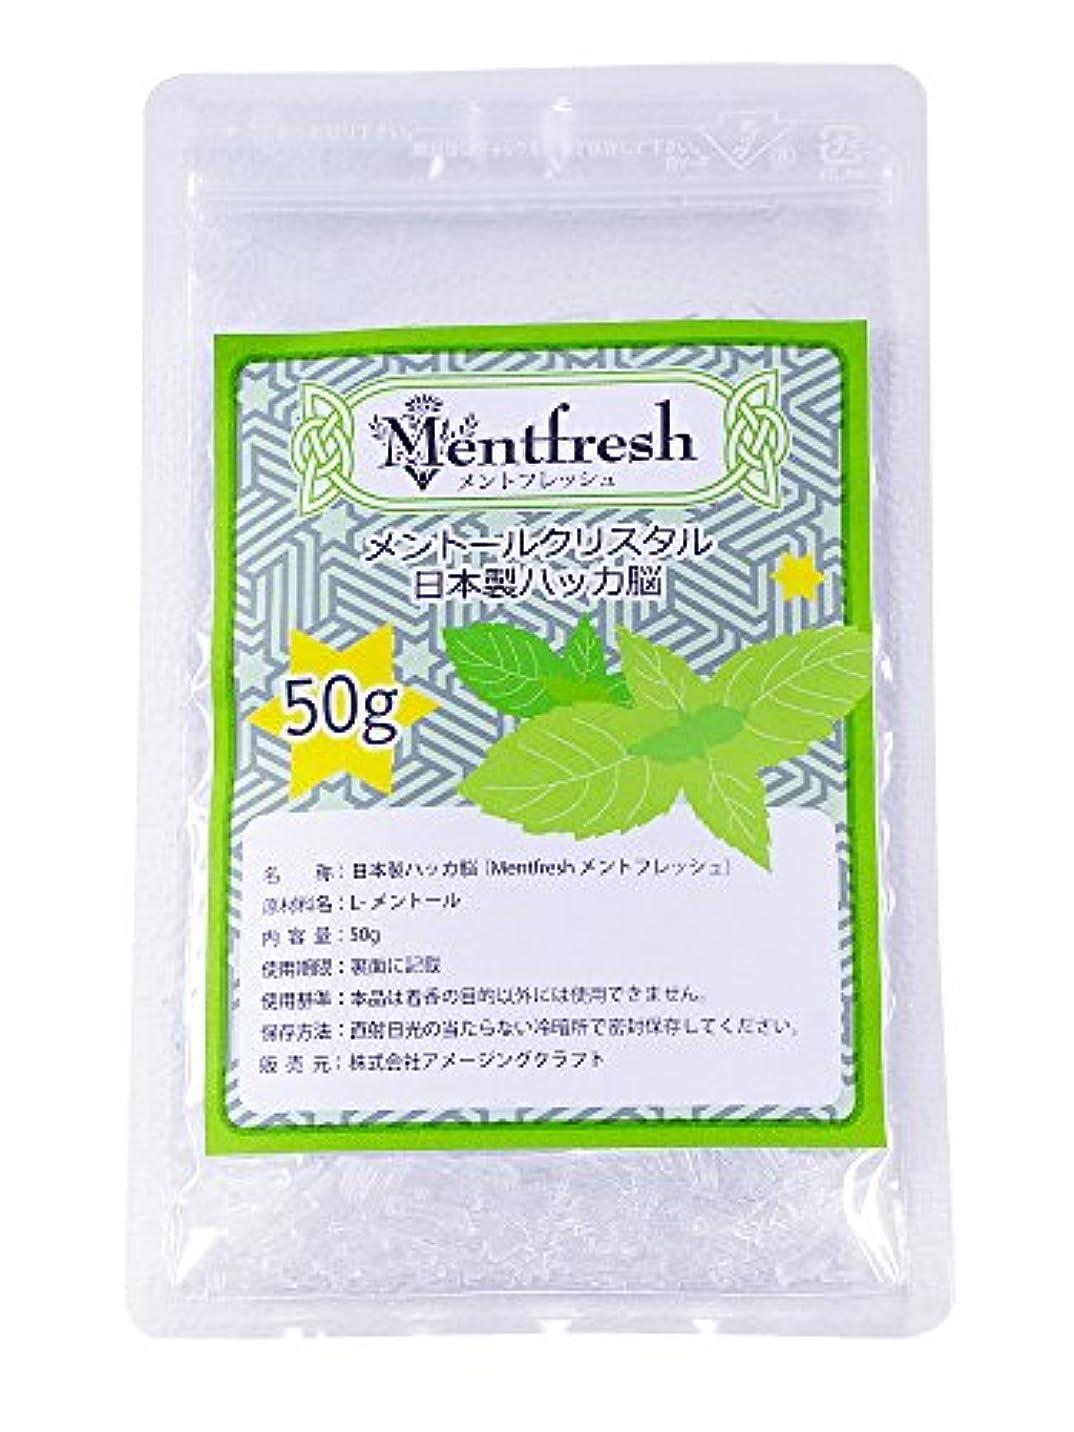 分岐する代替クラウド日本製 ハッカ結晶 メントフレッシュ メントールクリスタル (50g)